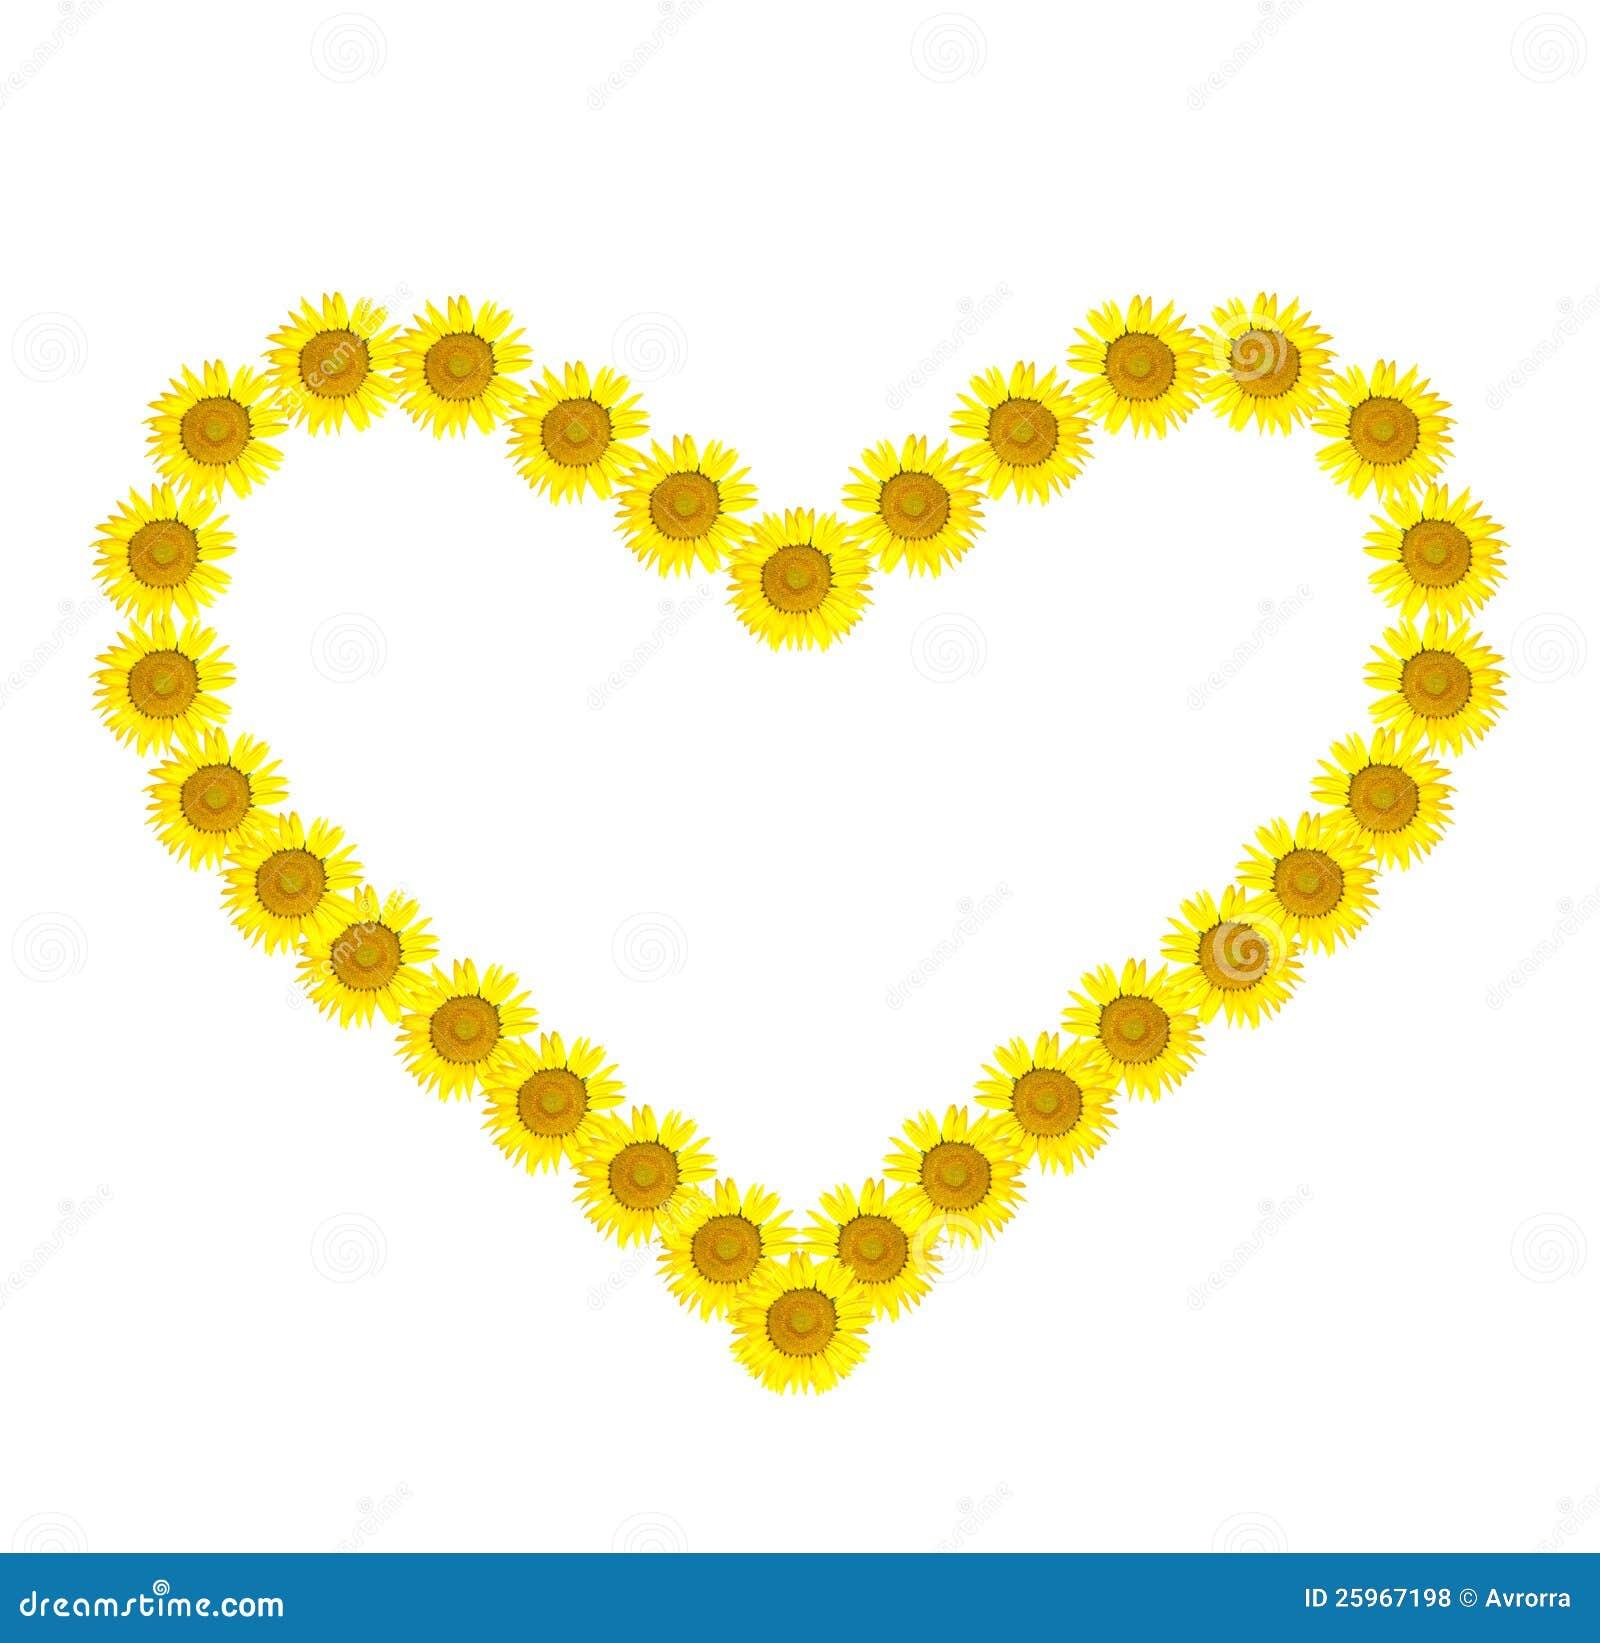 Beautiful Yellow Sunflower Heart Stock Photo - Image of ...